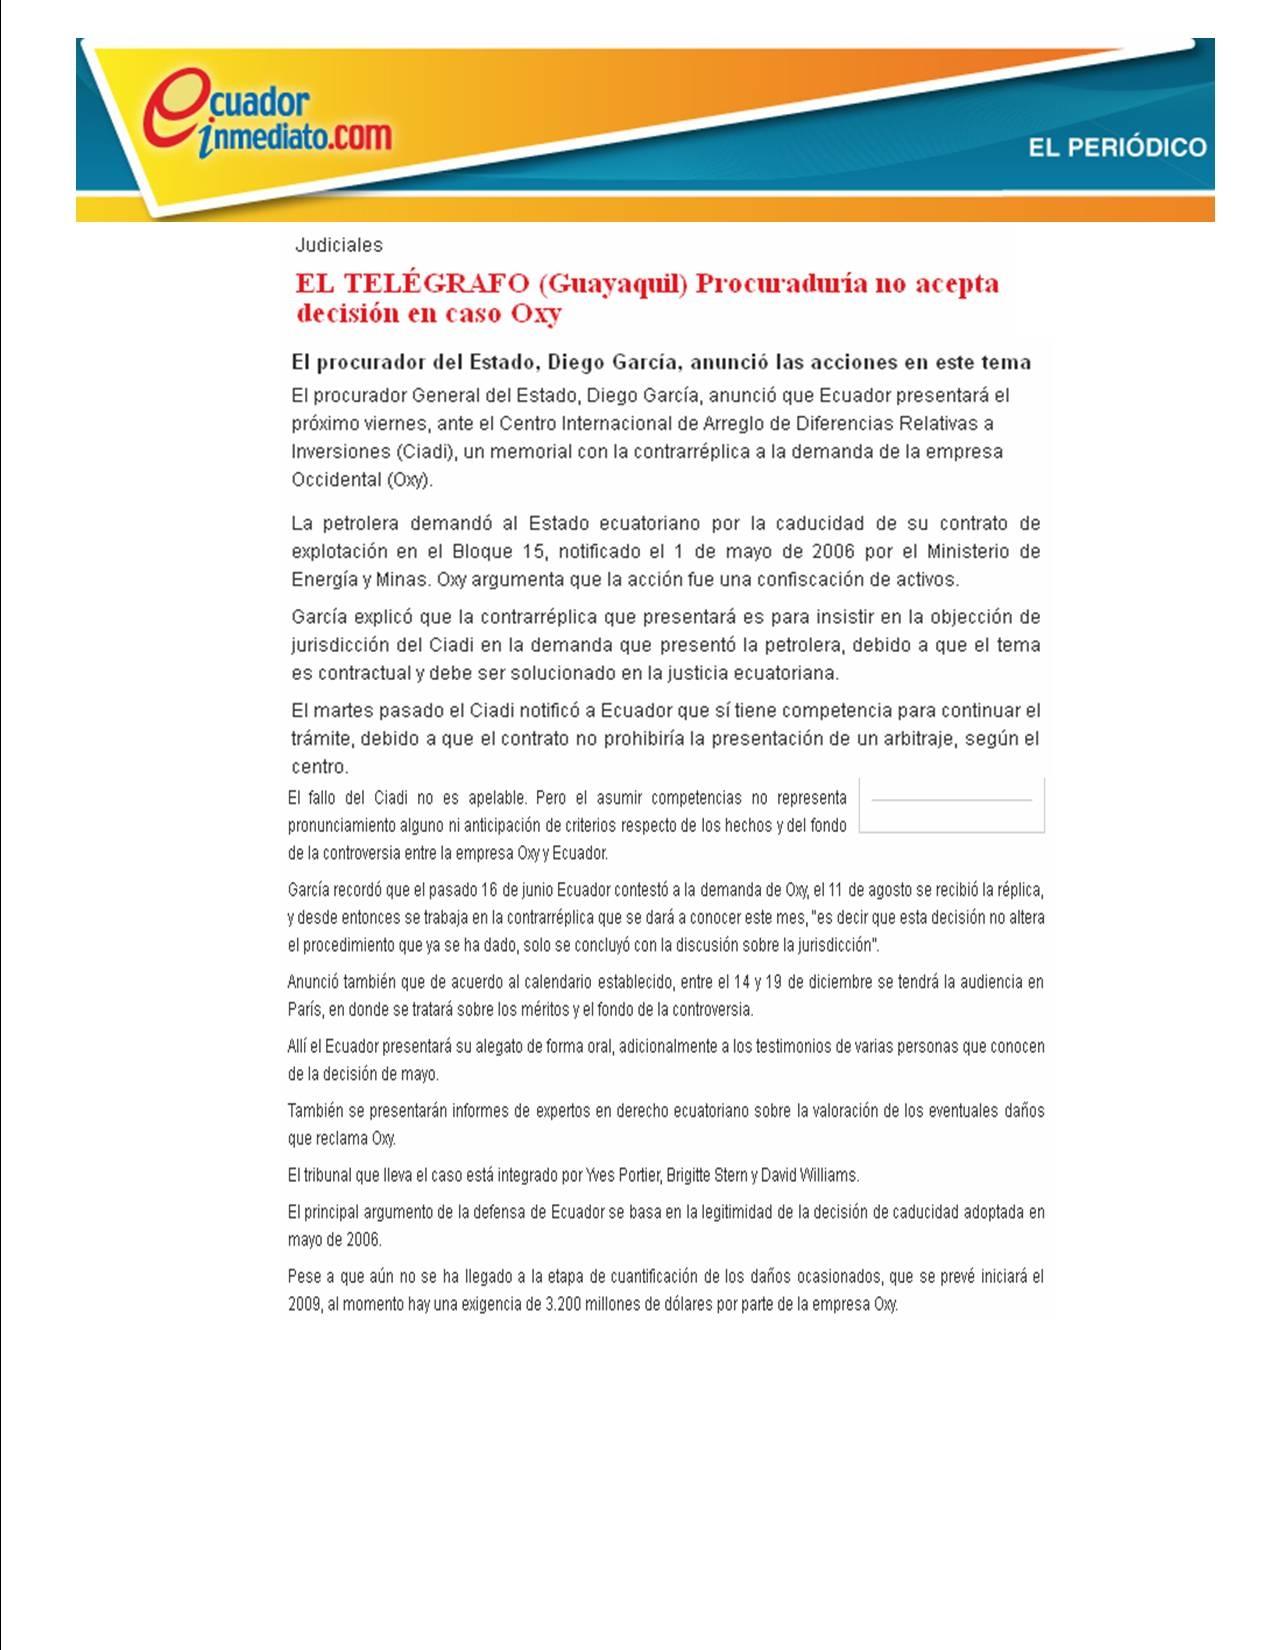 7-2008-09-11 Ecuadorinmediato